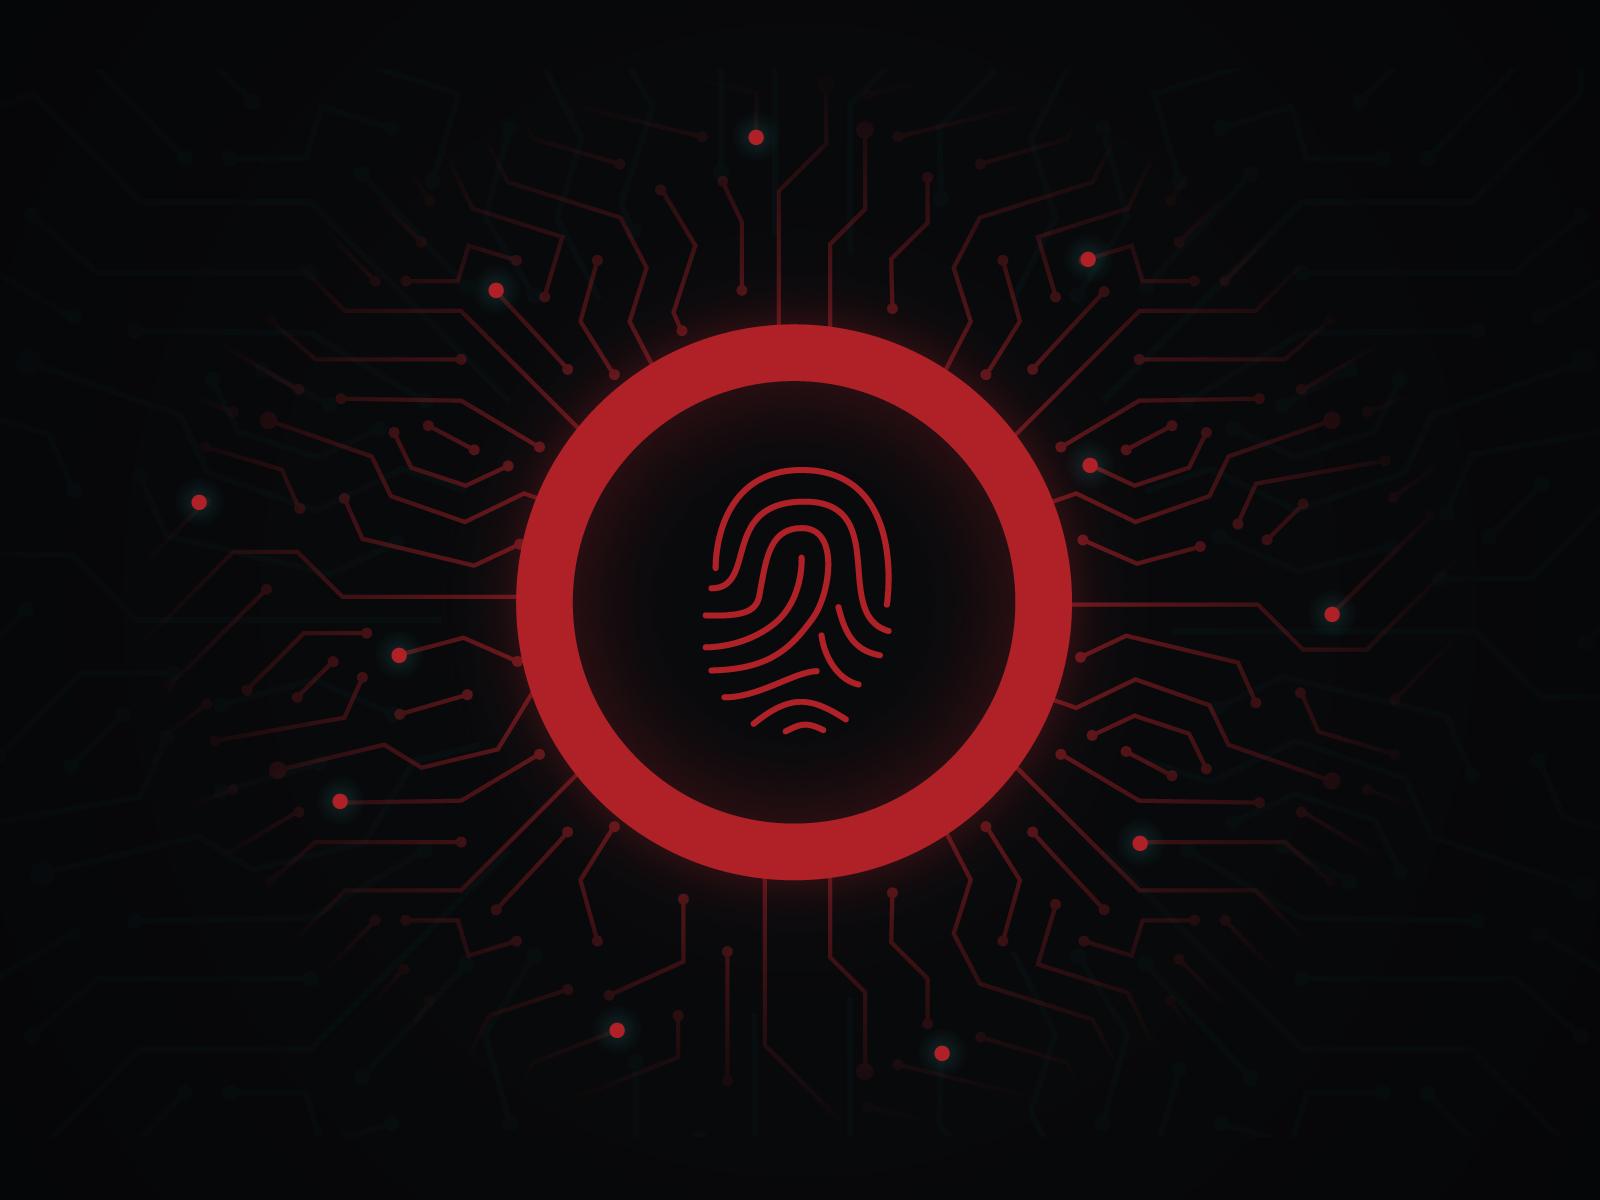 Fingerprint scanner app